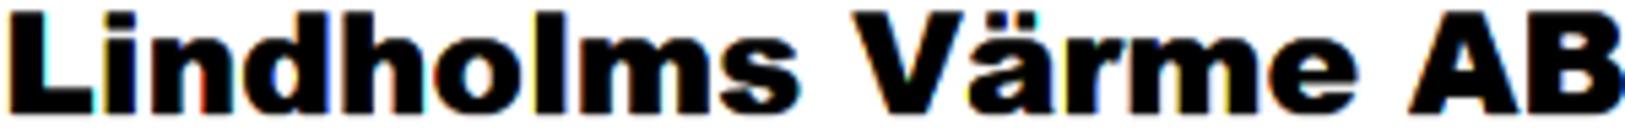 Lindholms Värme AB logo